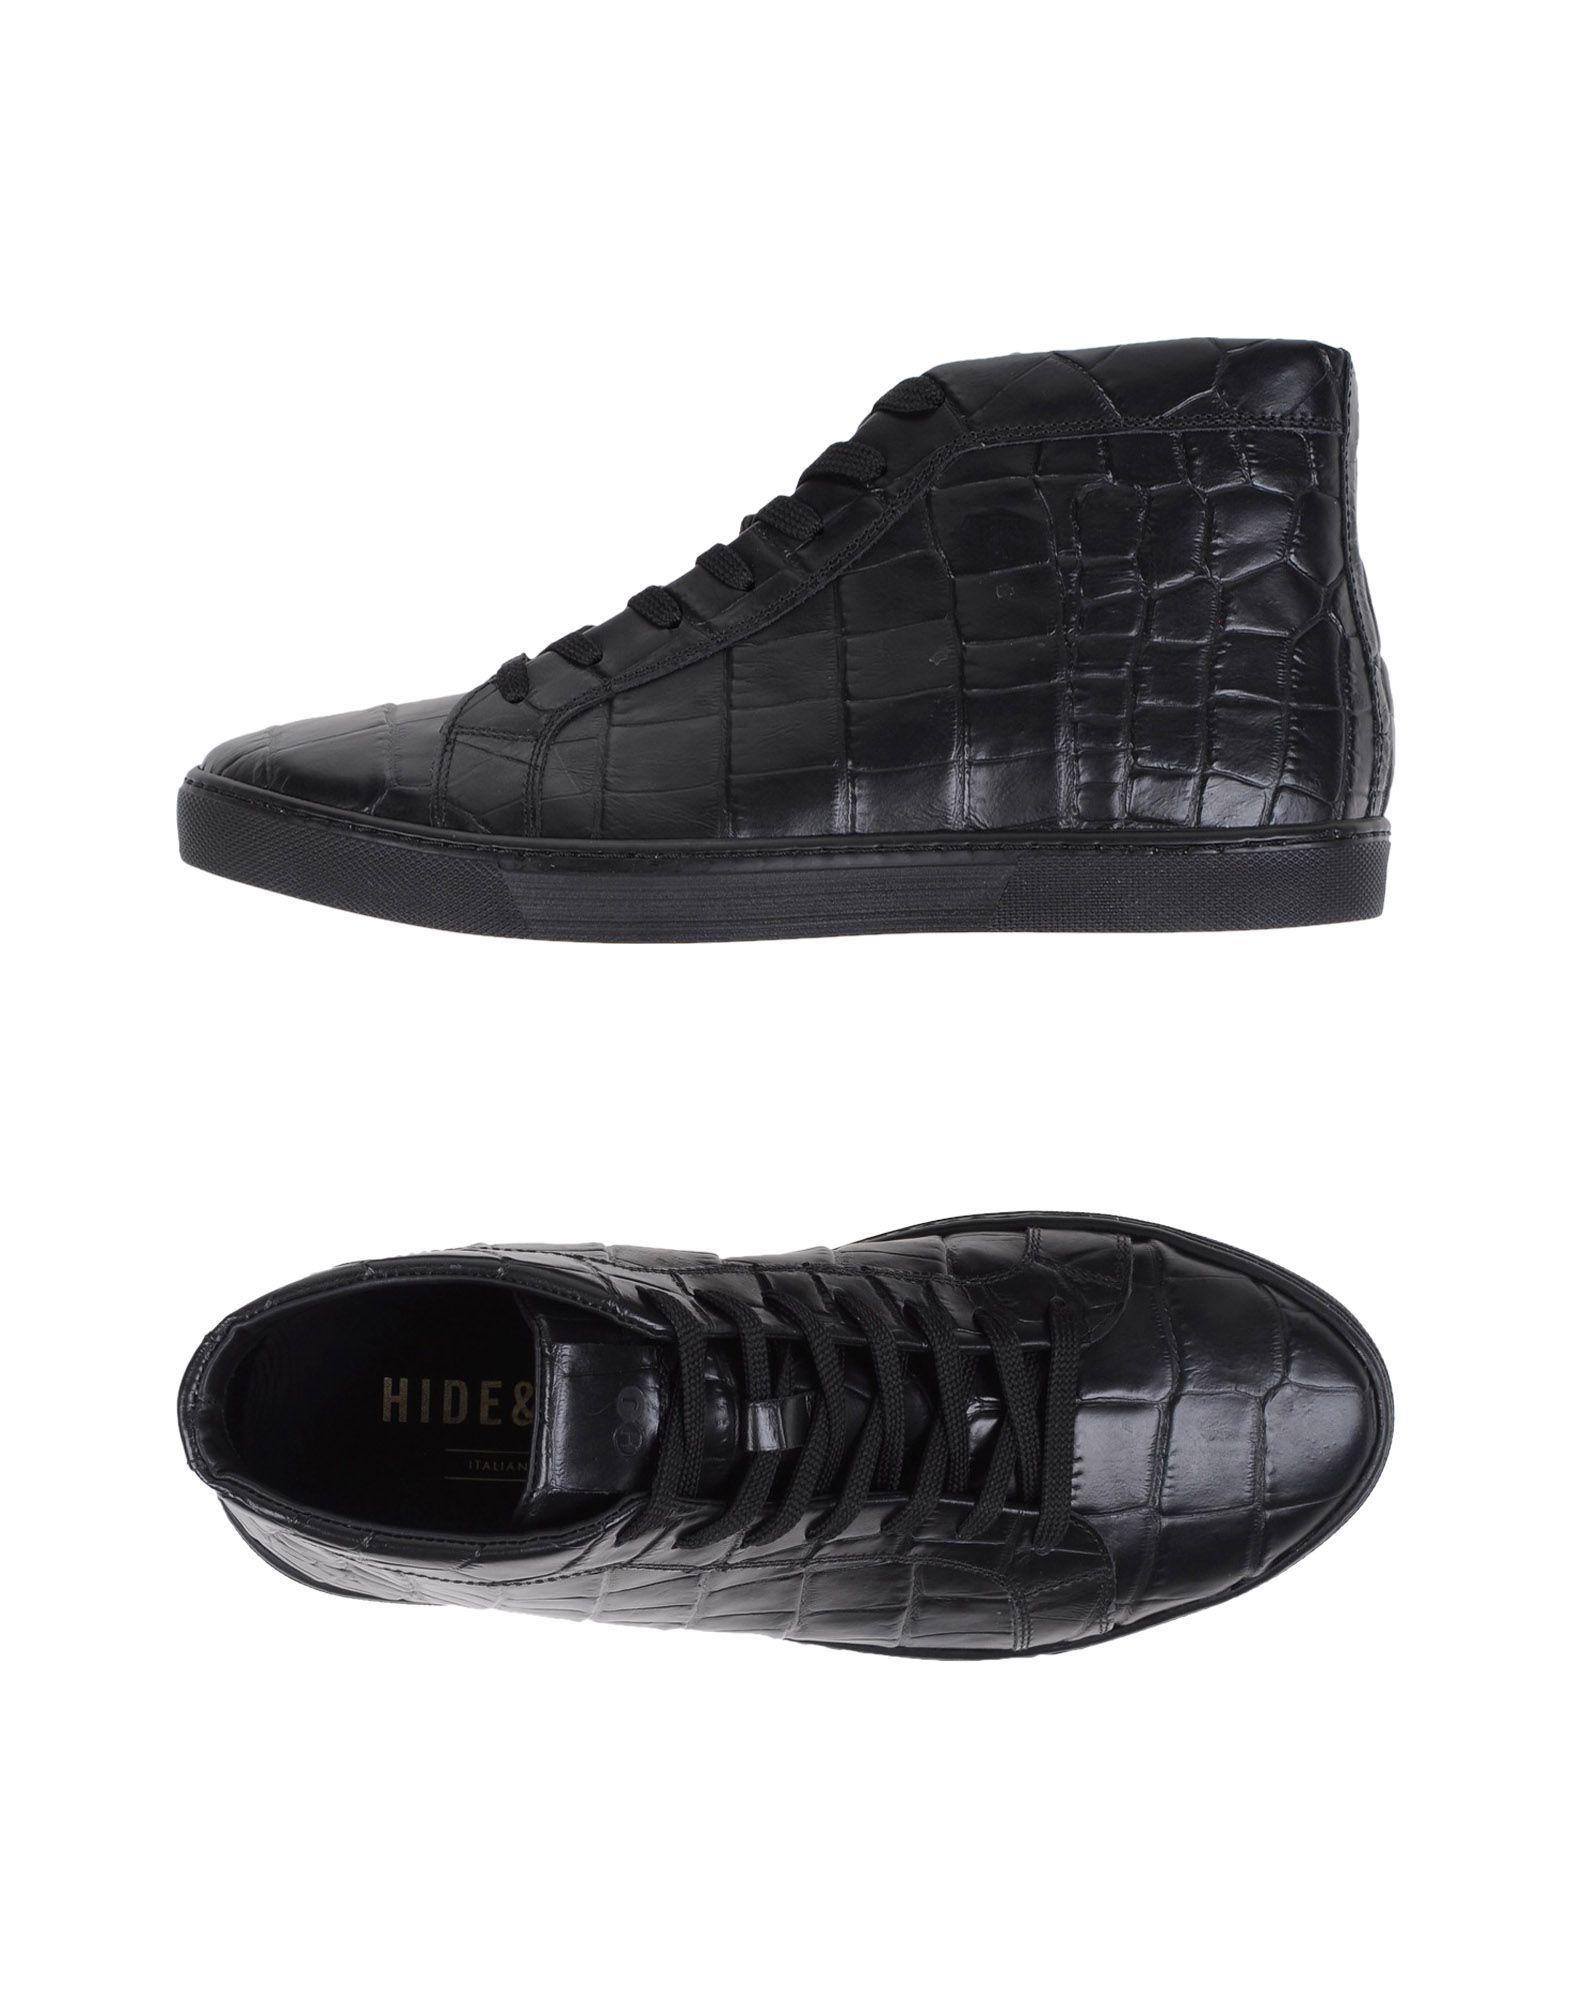 HIDE & JACK Sneakers in Black